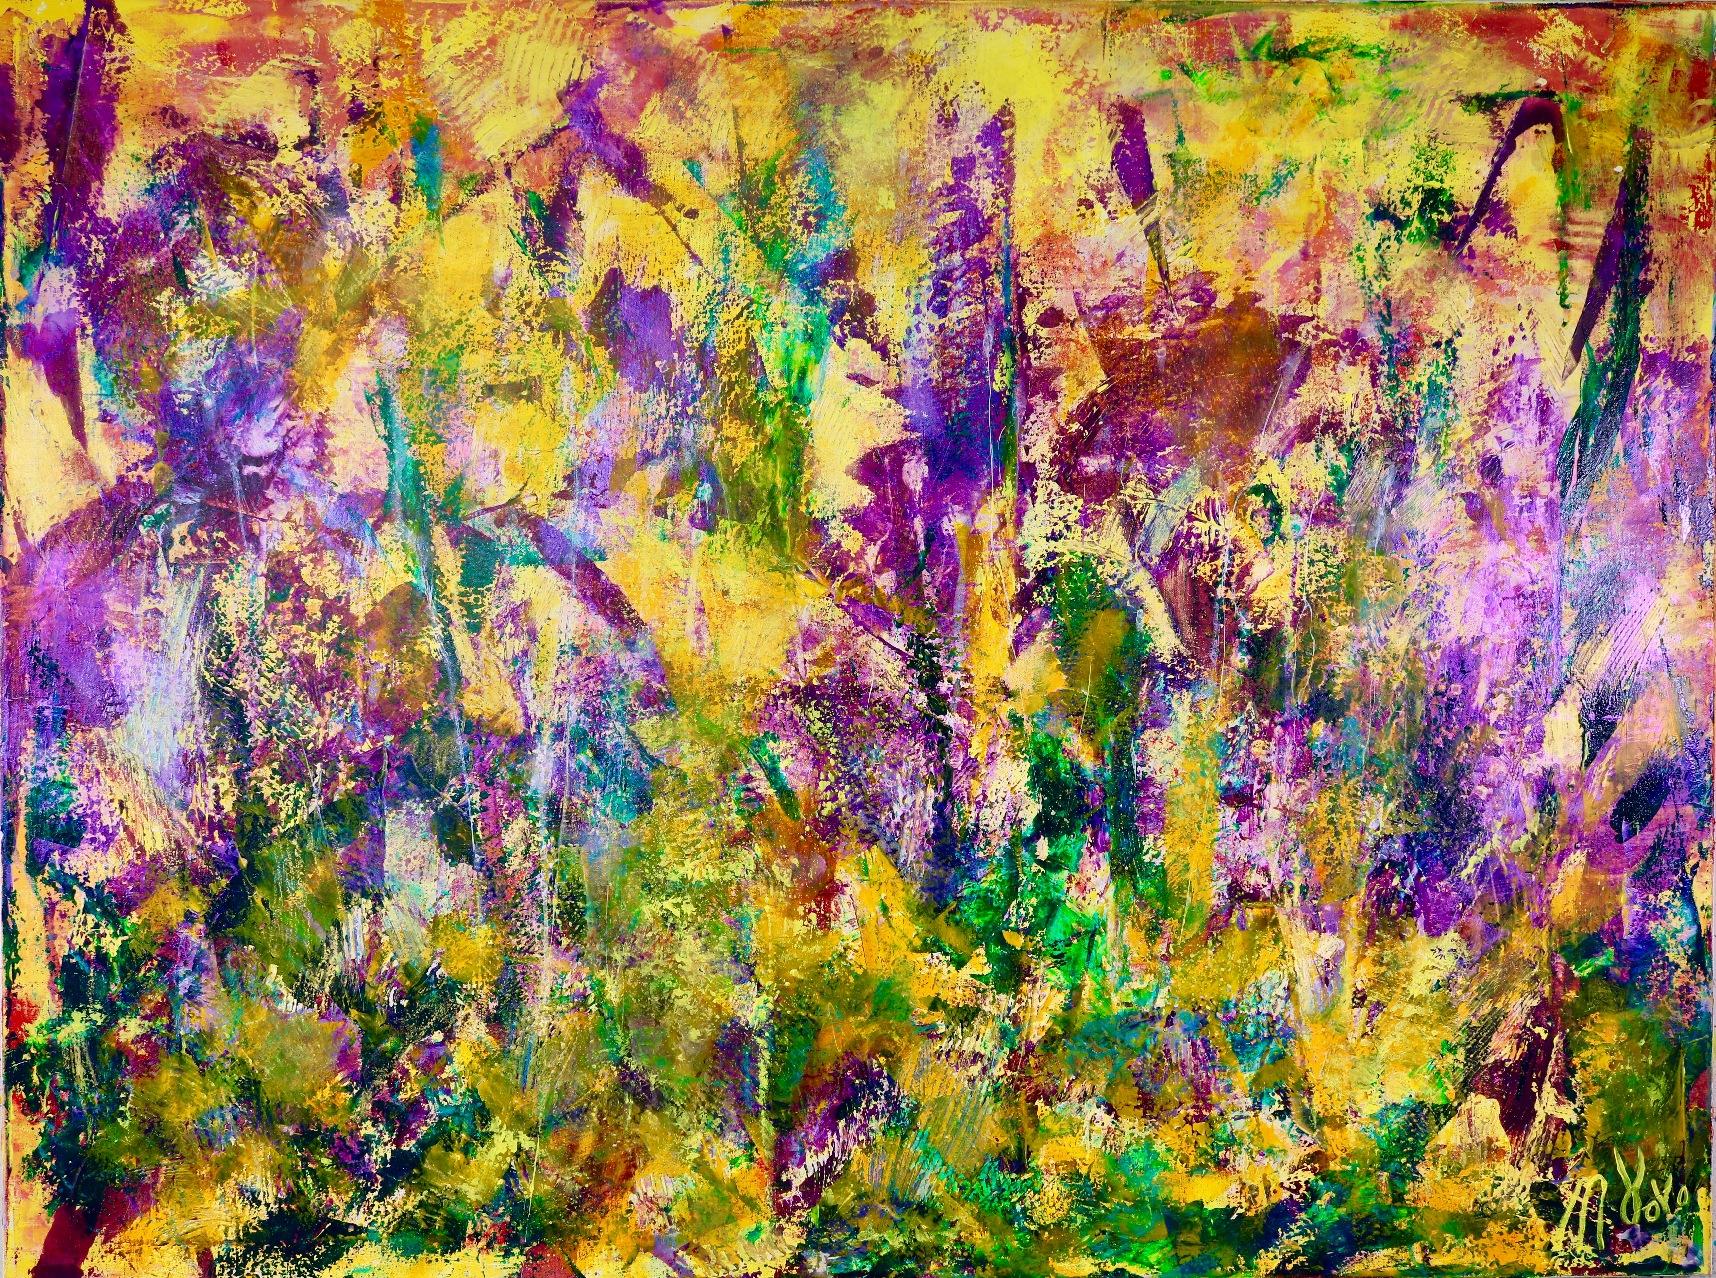 Lust (Purple Haze) by Nestor Toro in L.A.